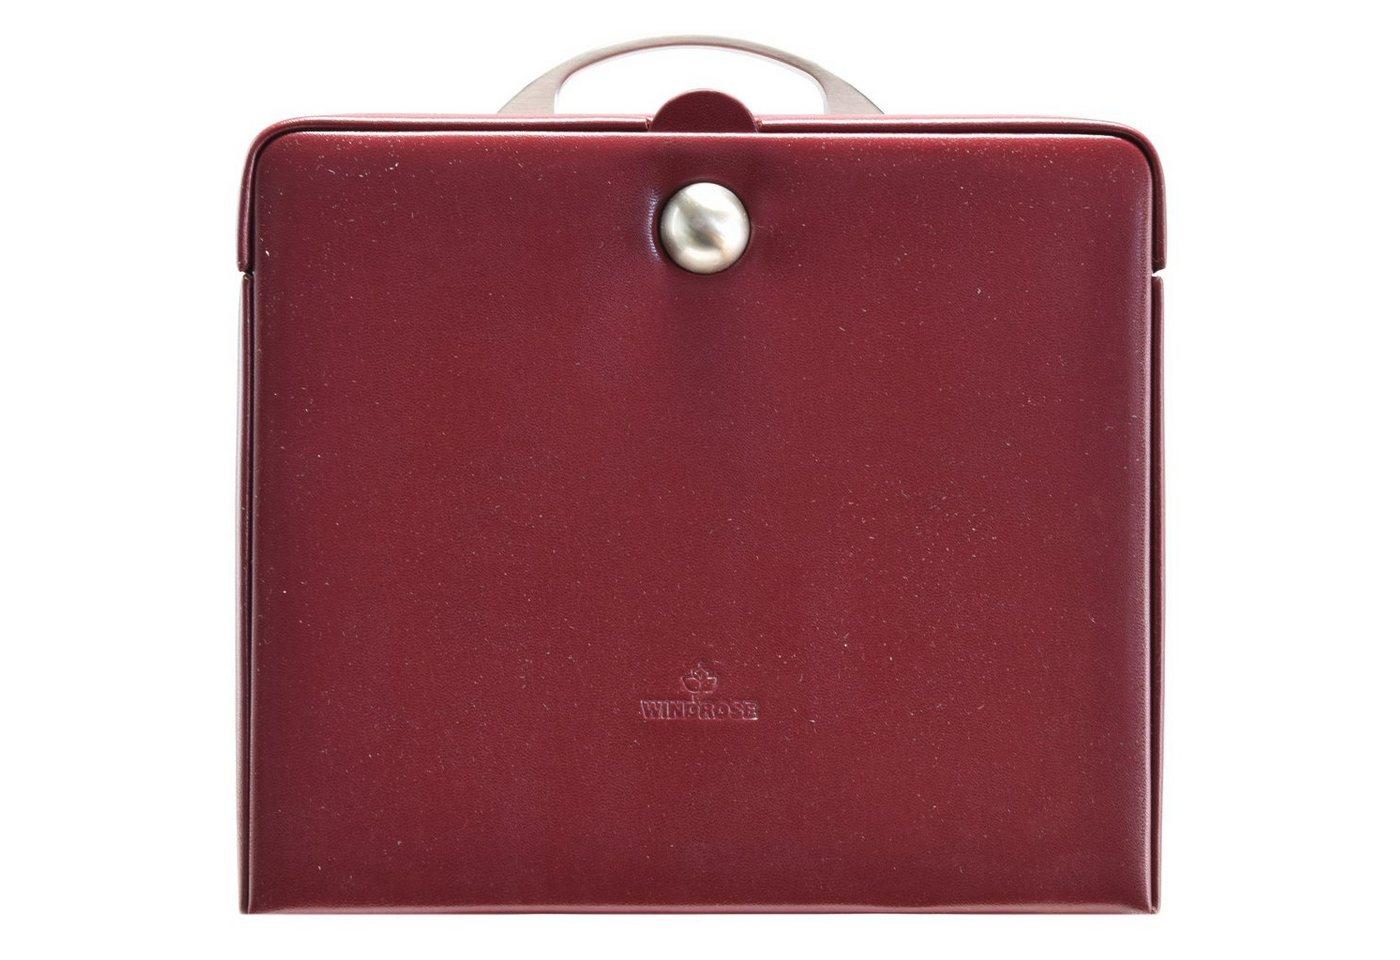 Windrose Merino Charmbox Schmuckkasten 25,5 cm | Schmuck > Schmuckaufbewahrungen > Schmuckkästen | Rot | Windrose